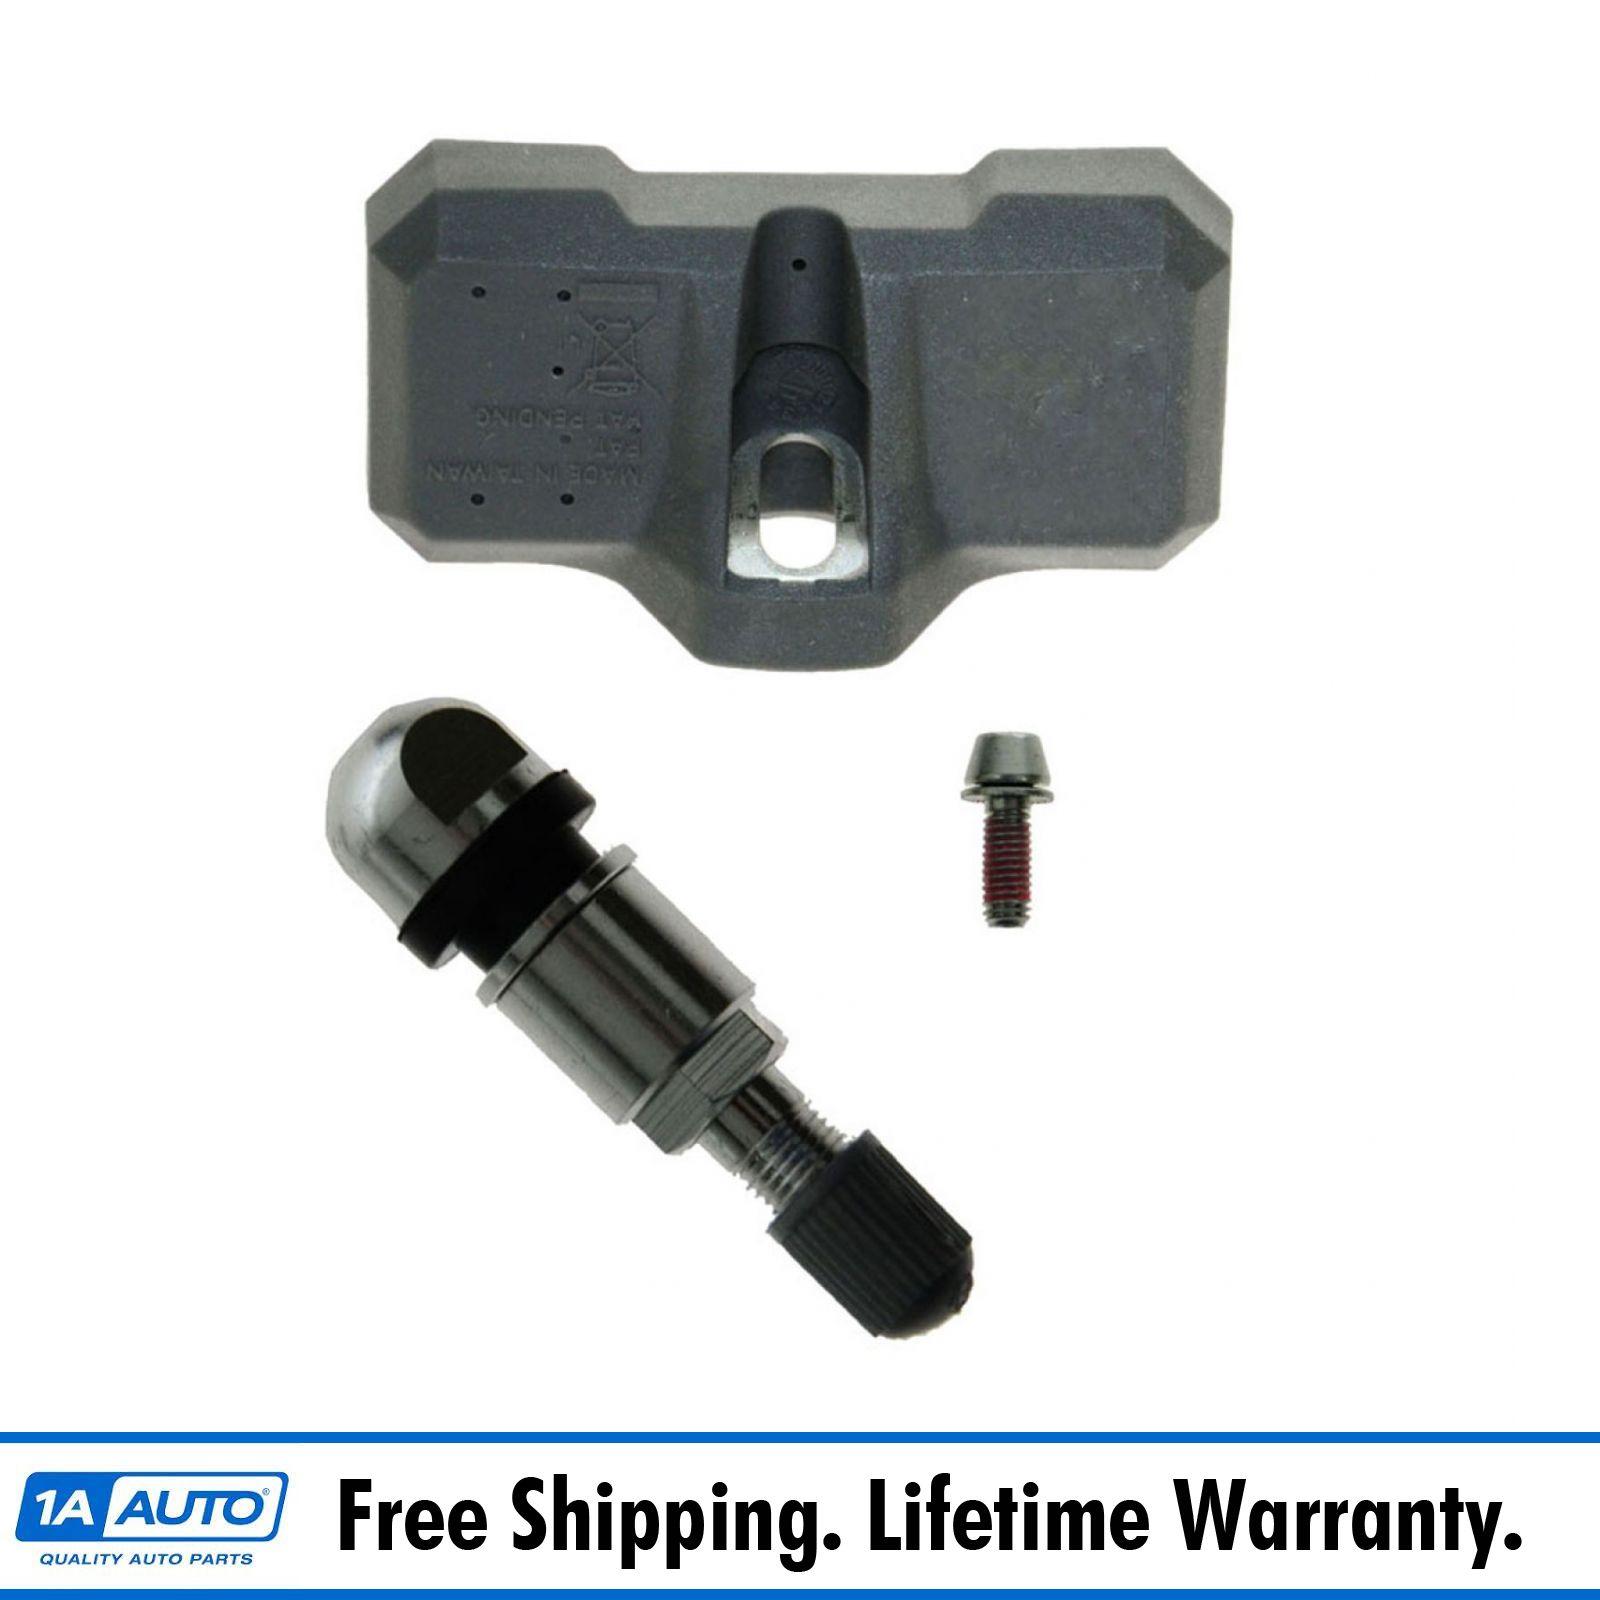 Nissan Rogue Tire Pressure Sensor: Dorman Tire Pressure Monitor Sensor TPMS New For